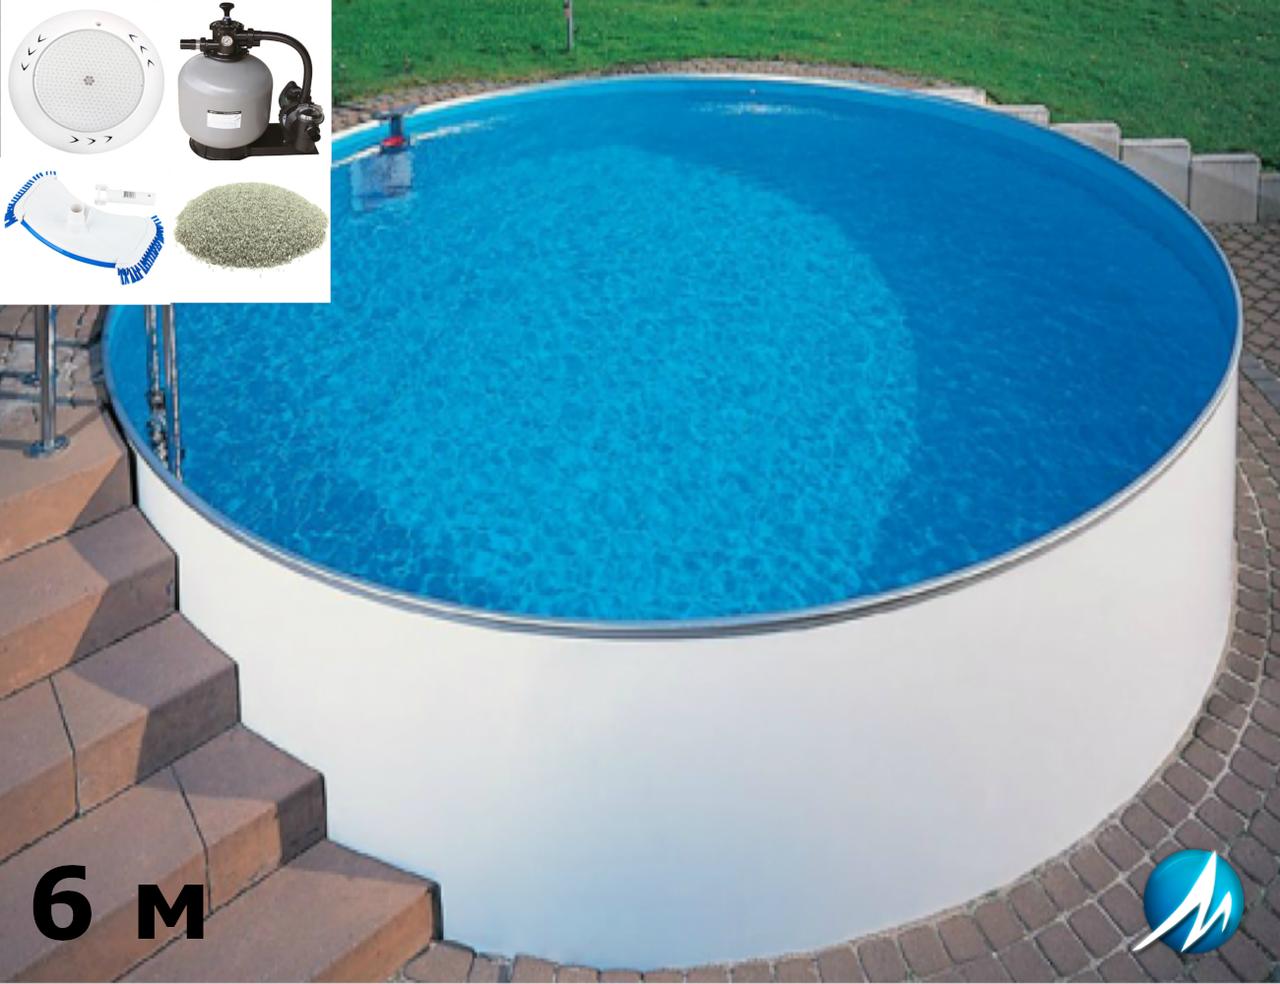 Комплект обладнання для круглого збірного басейну 6 м